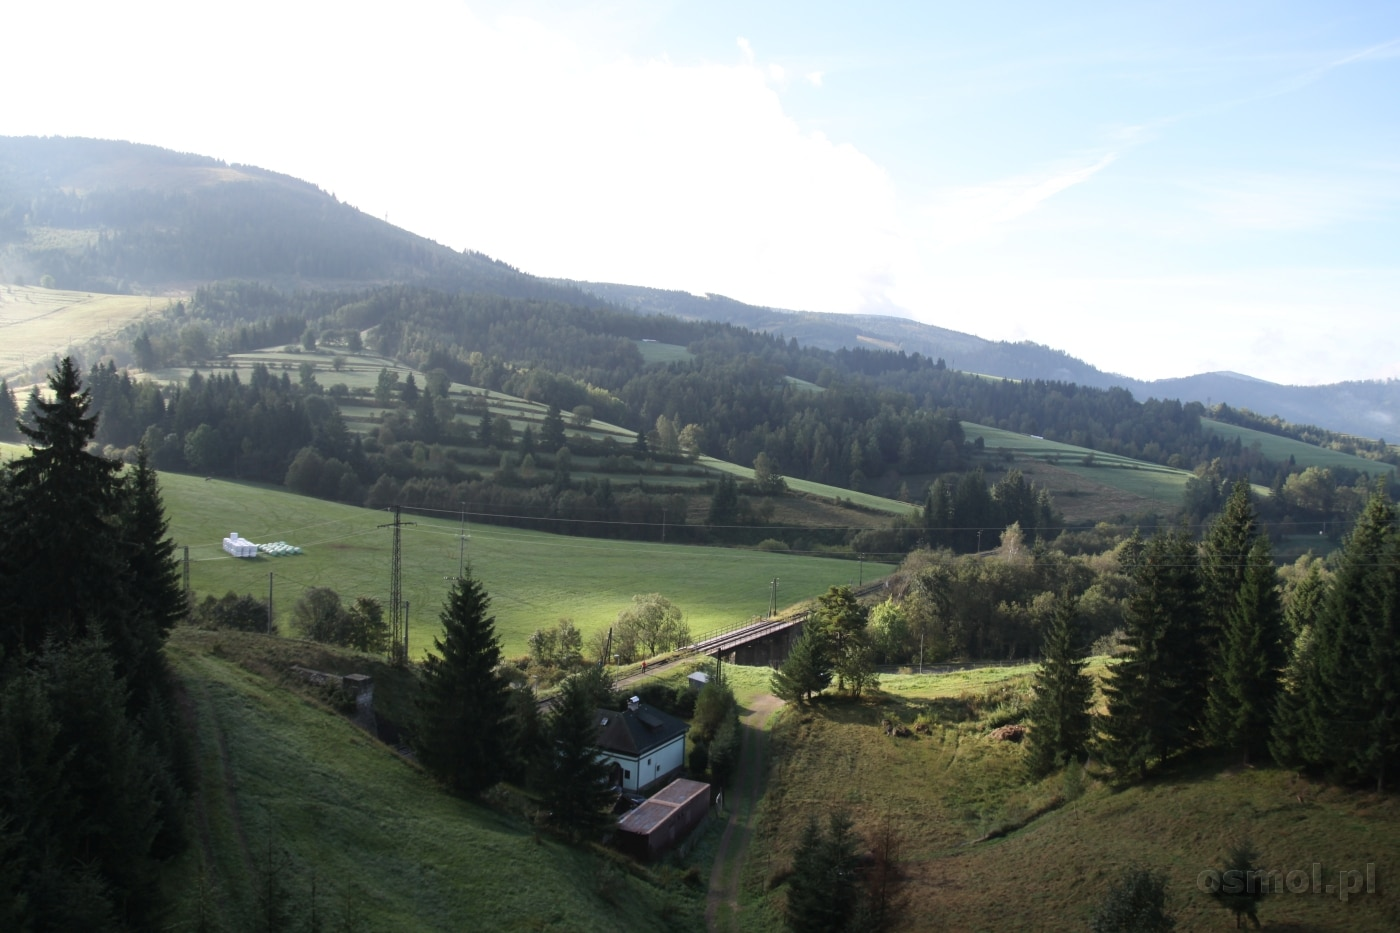 Krajobraz Słowacji tak bardzo przypominający inne góry. Np. w Szwajcarii...